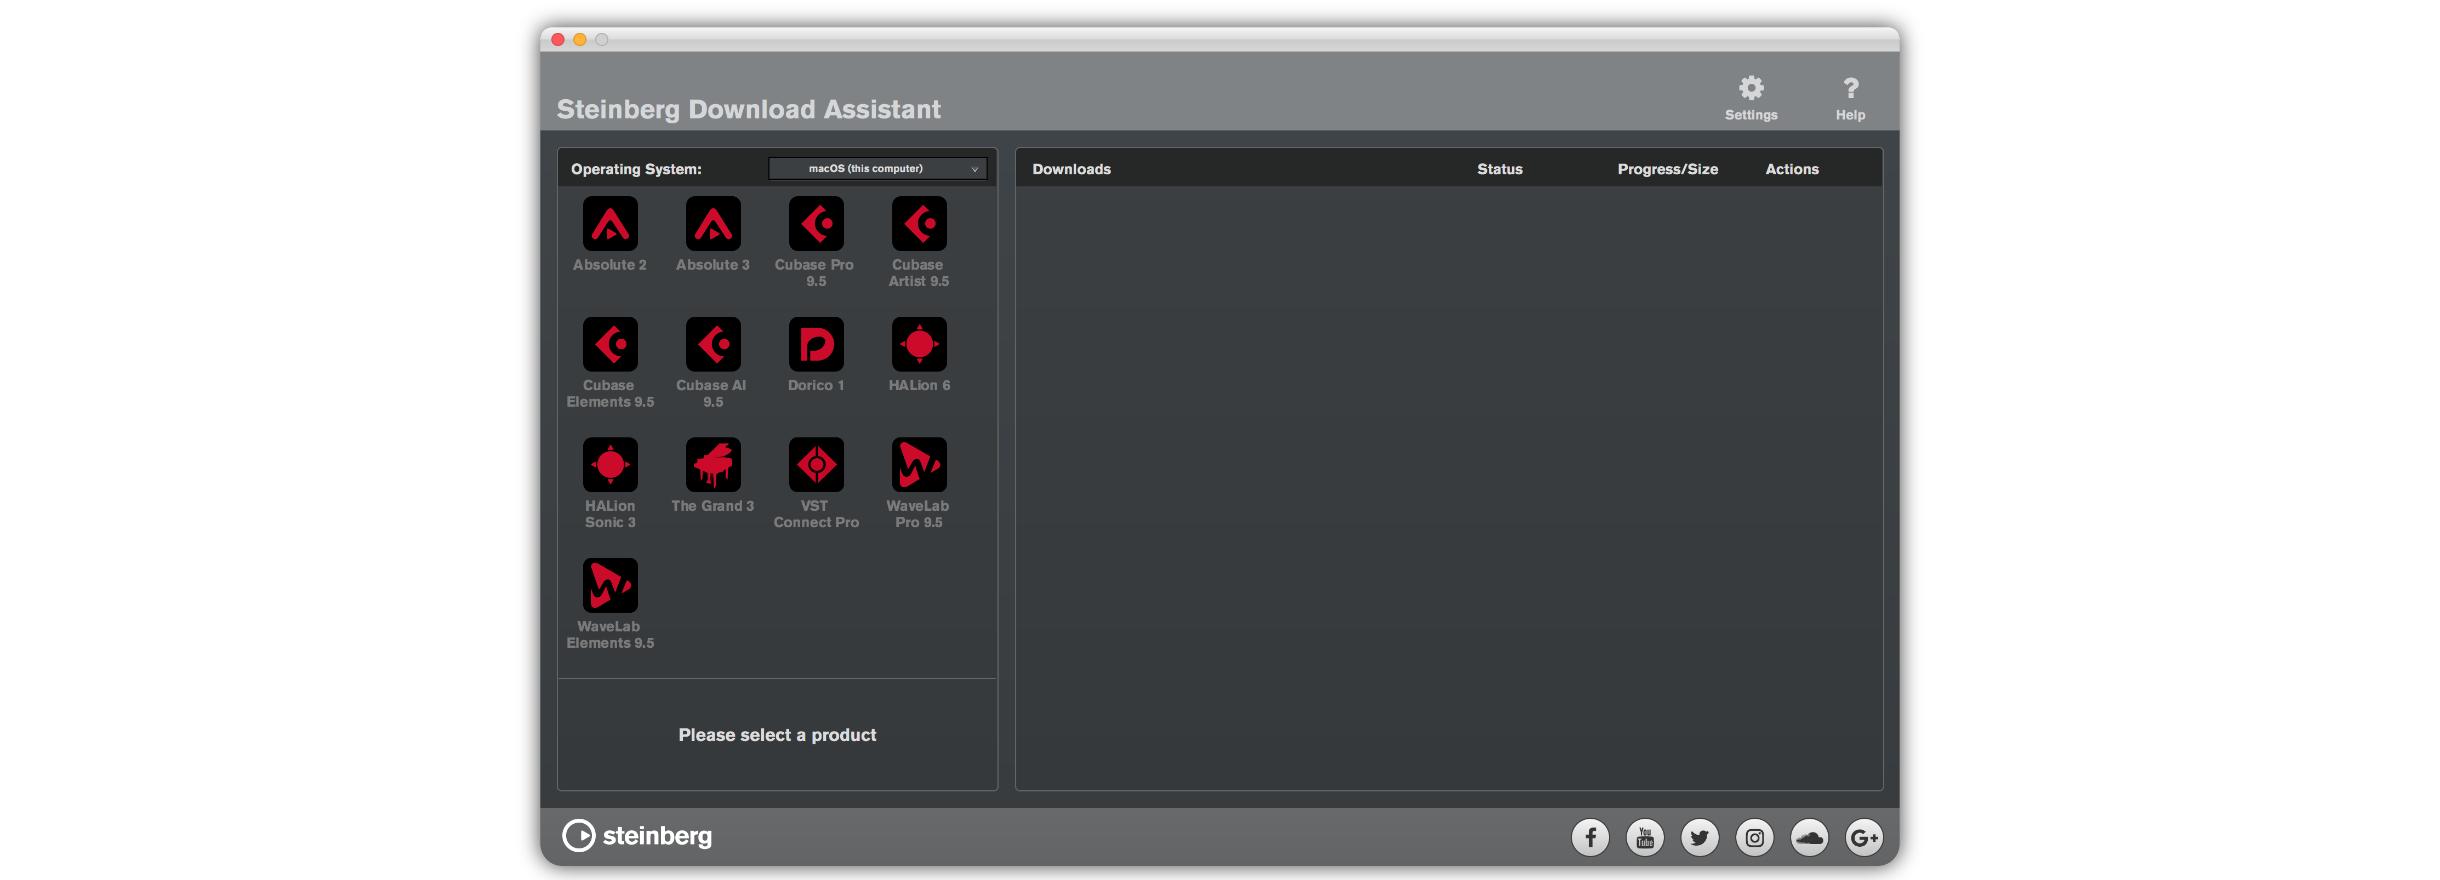 安裝完下載完的軟體後會進入一個這樣的介面 (Steinberg Download Assistant ),在此可以選擇你需要下載的軟體。